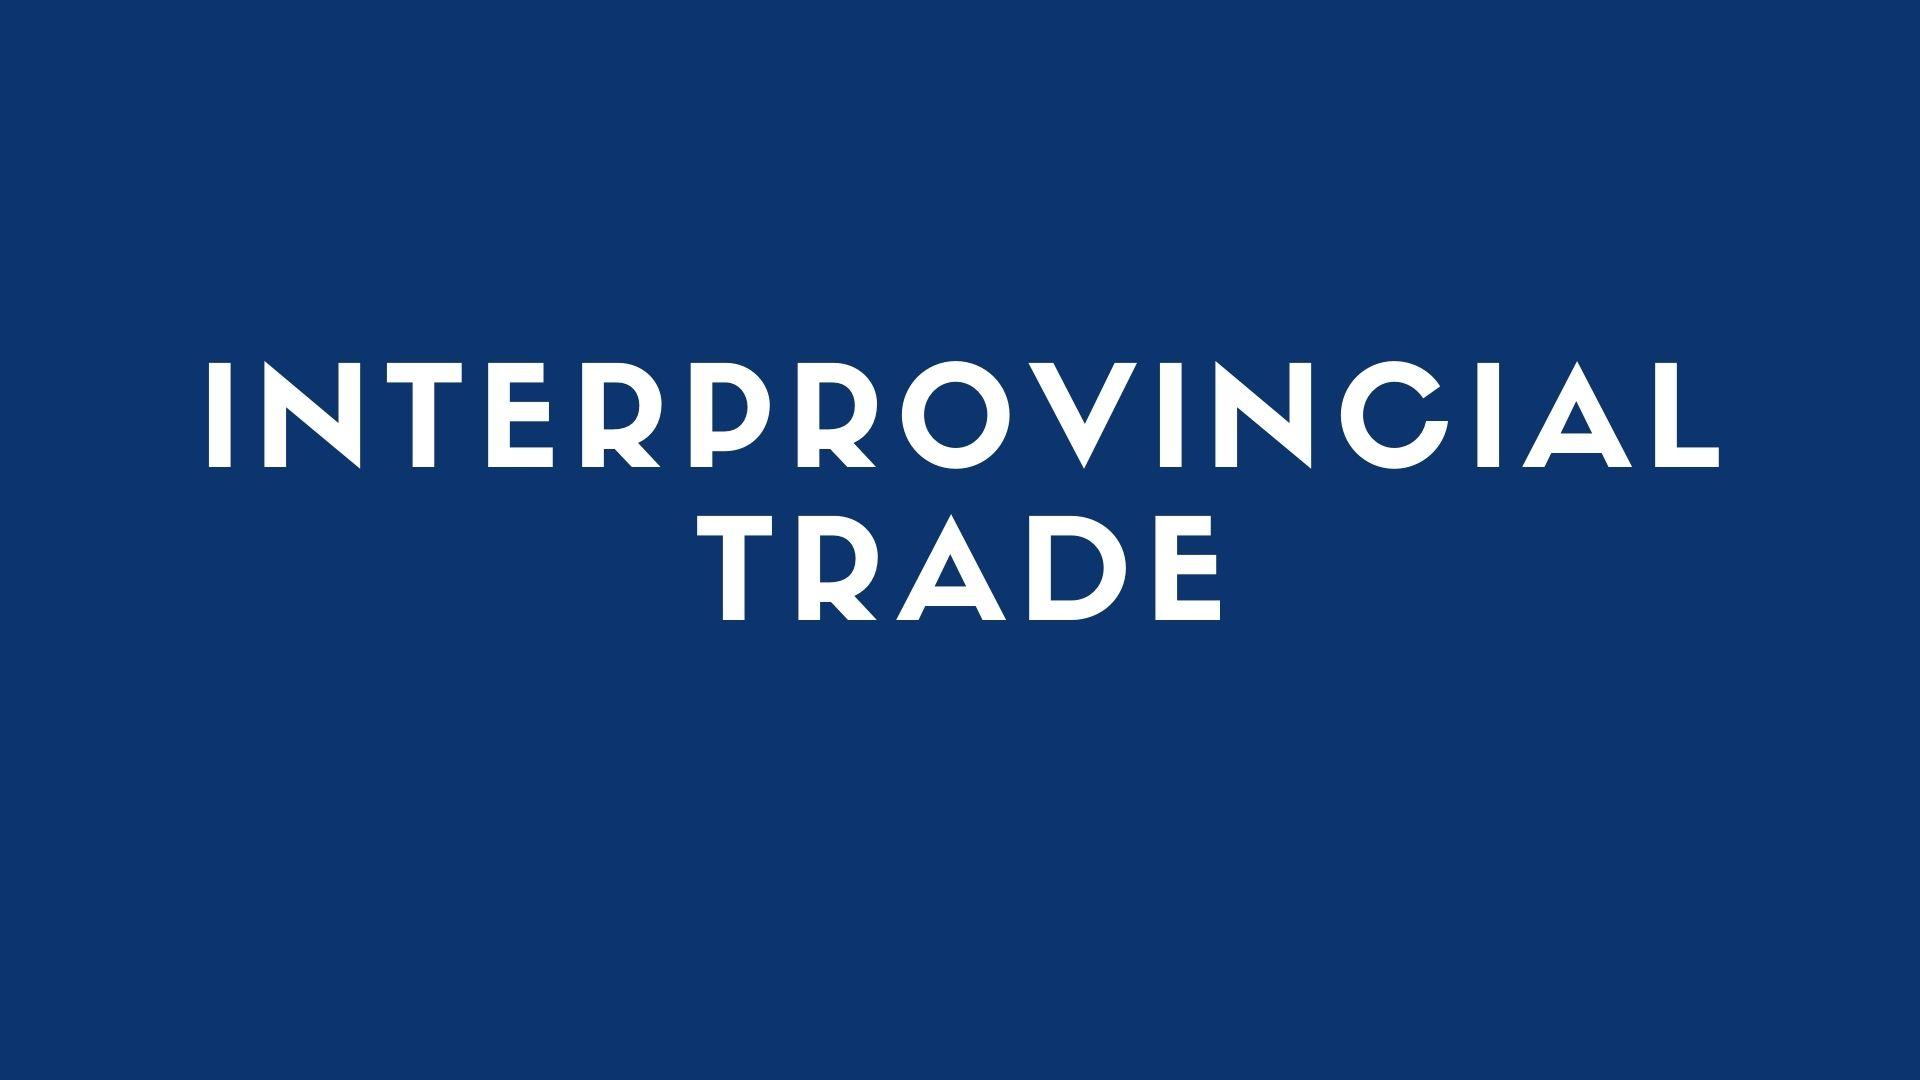 Interprovincial-Trade.jpg